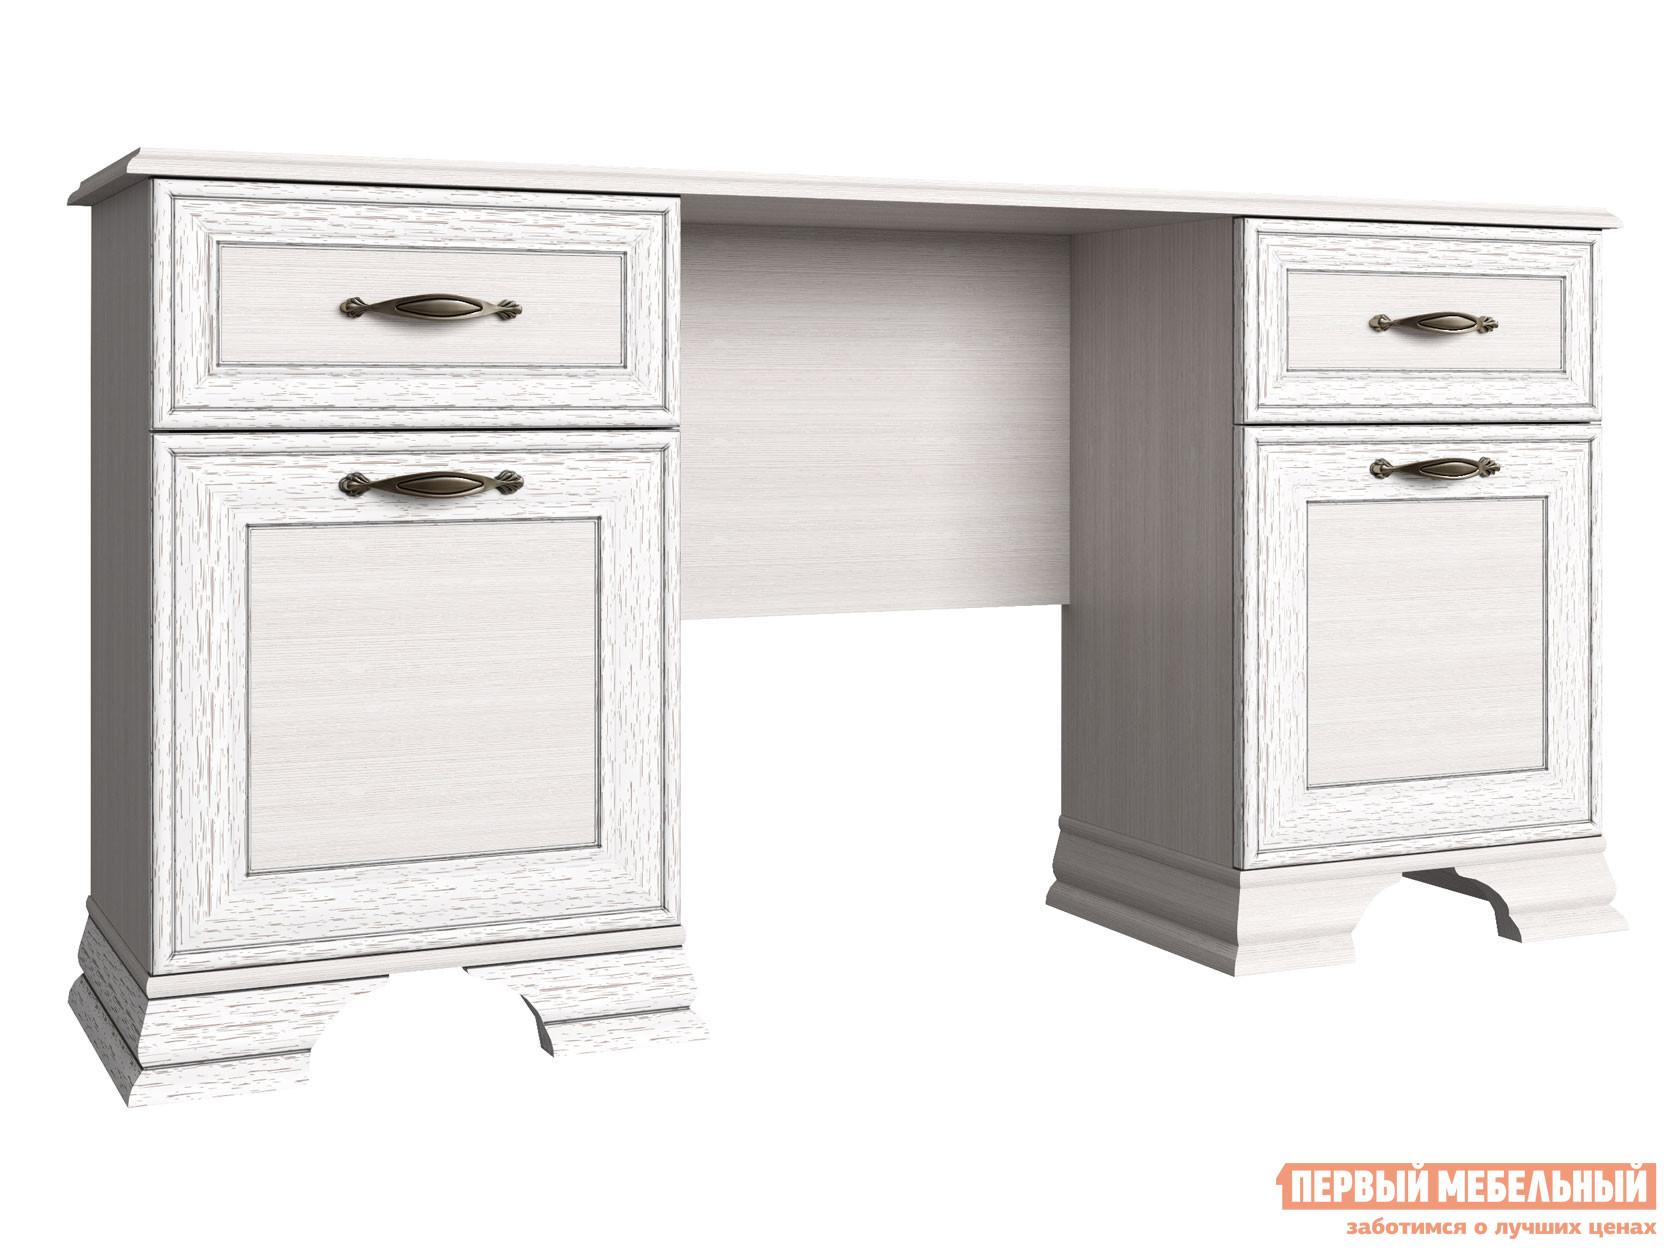 Письменный стол Первый Мебельный Стол письменный, TIFFANY